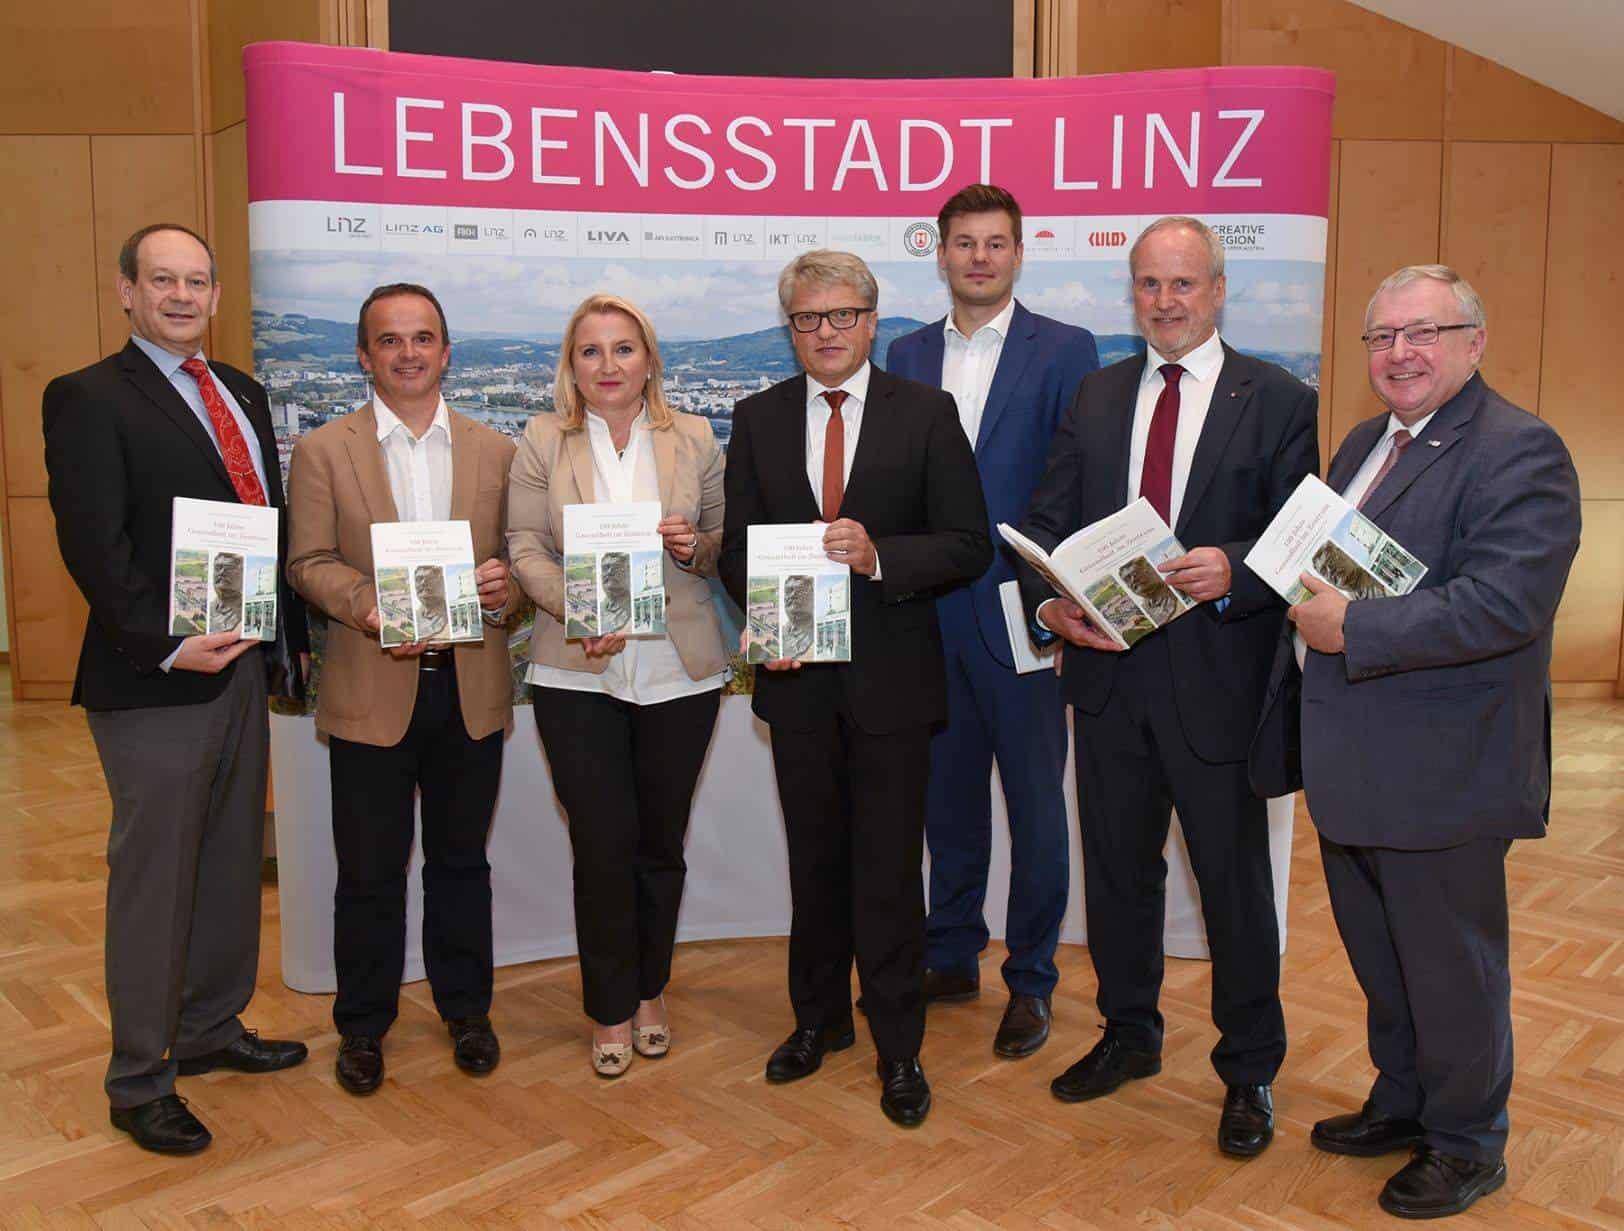 AKH-Linz-Pressekonferenz web